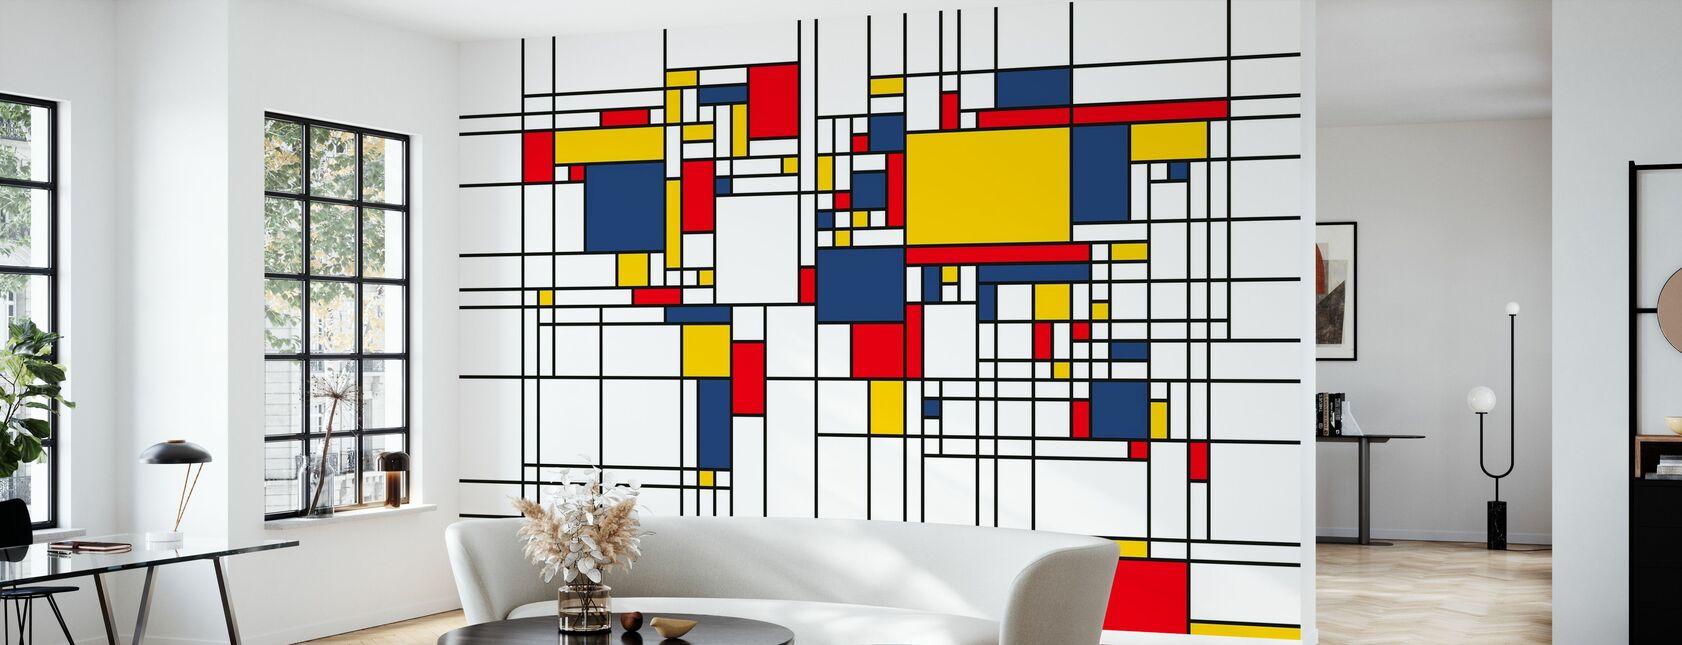 Piet Mondrian Style Carte du monde - Papier peint - Salle à manger